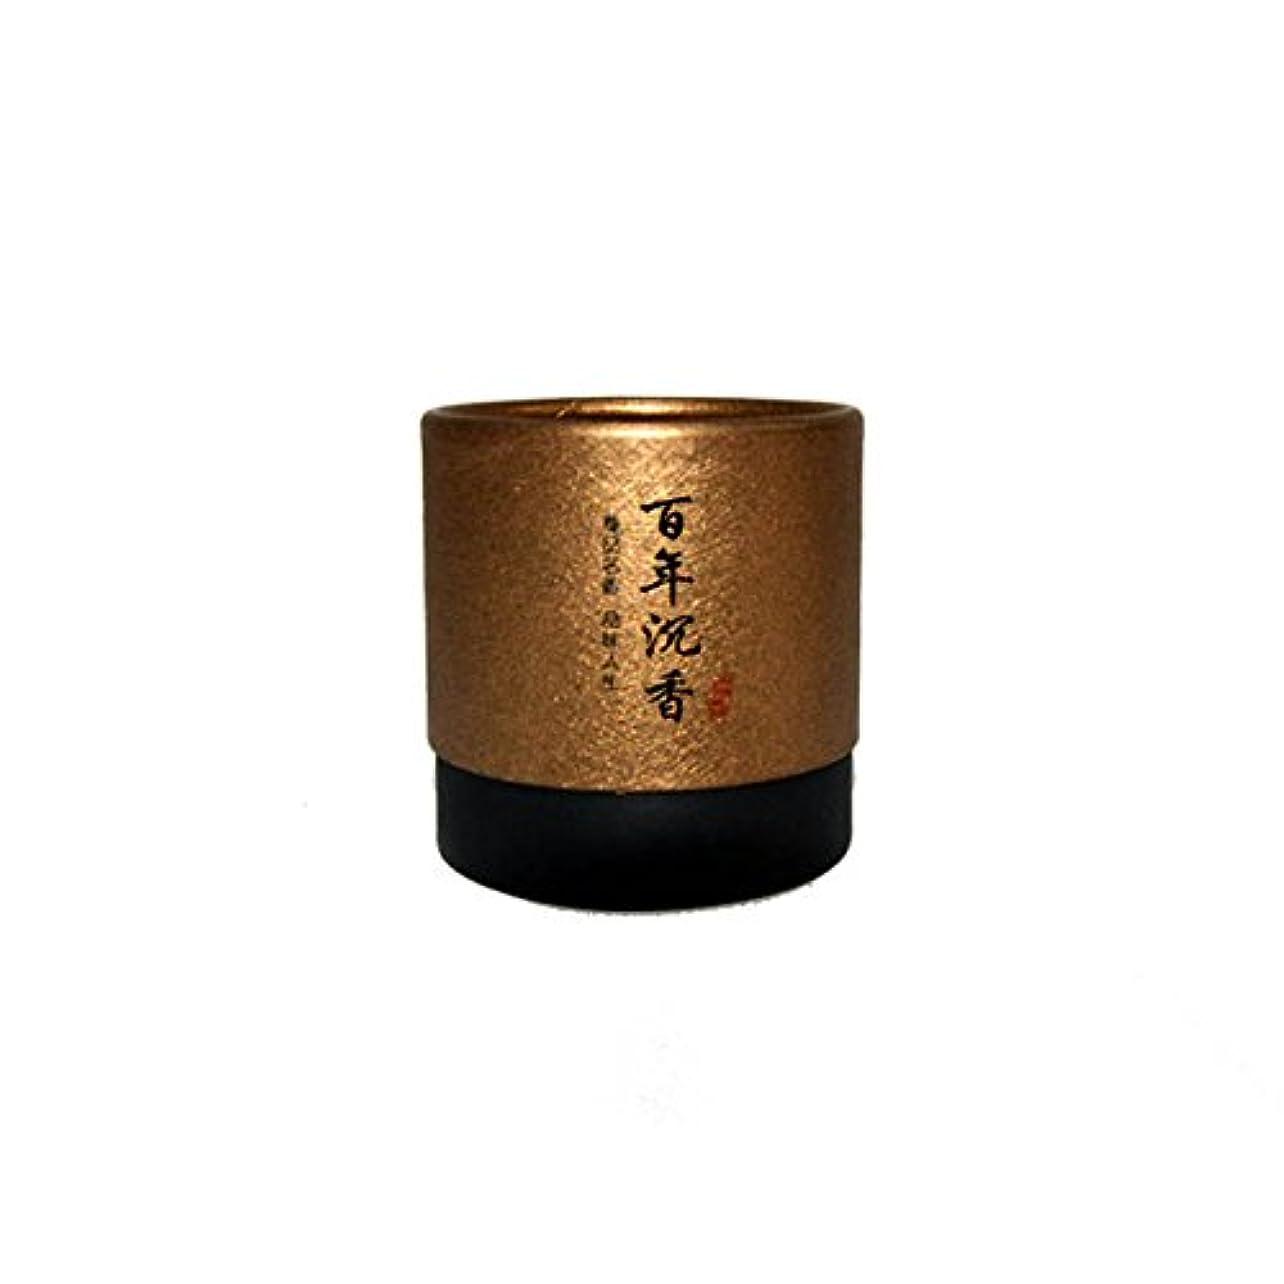 スペル危険な装備する天然仏香; ビャクダン; きゃら;じんこう;線香;神具; 仏具; 一护の健康; マッサージを缓める; あん摩する